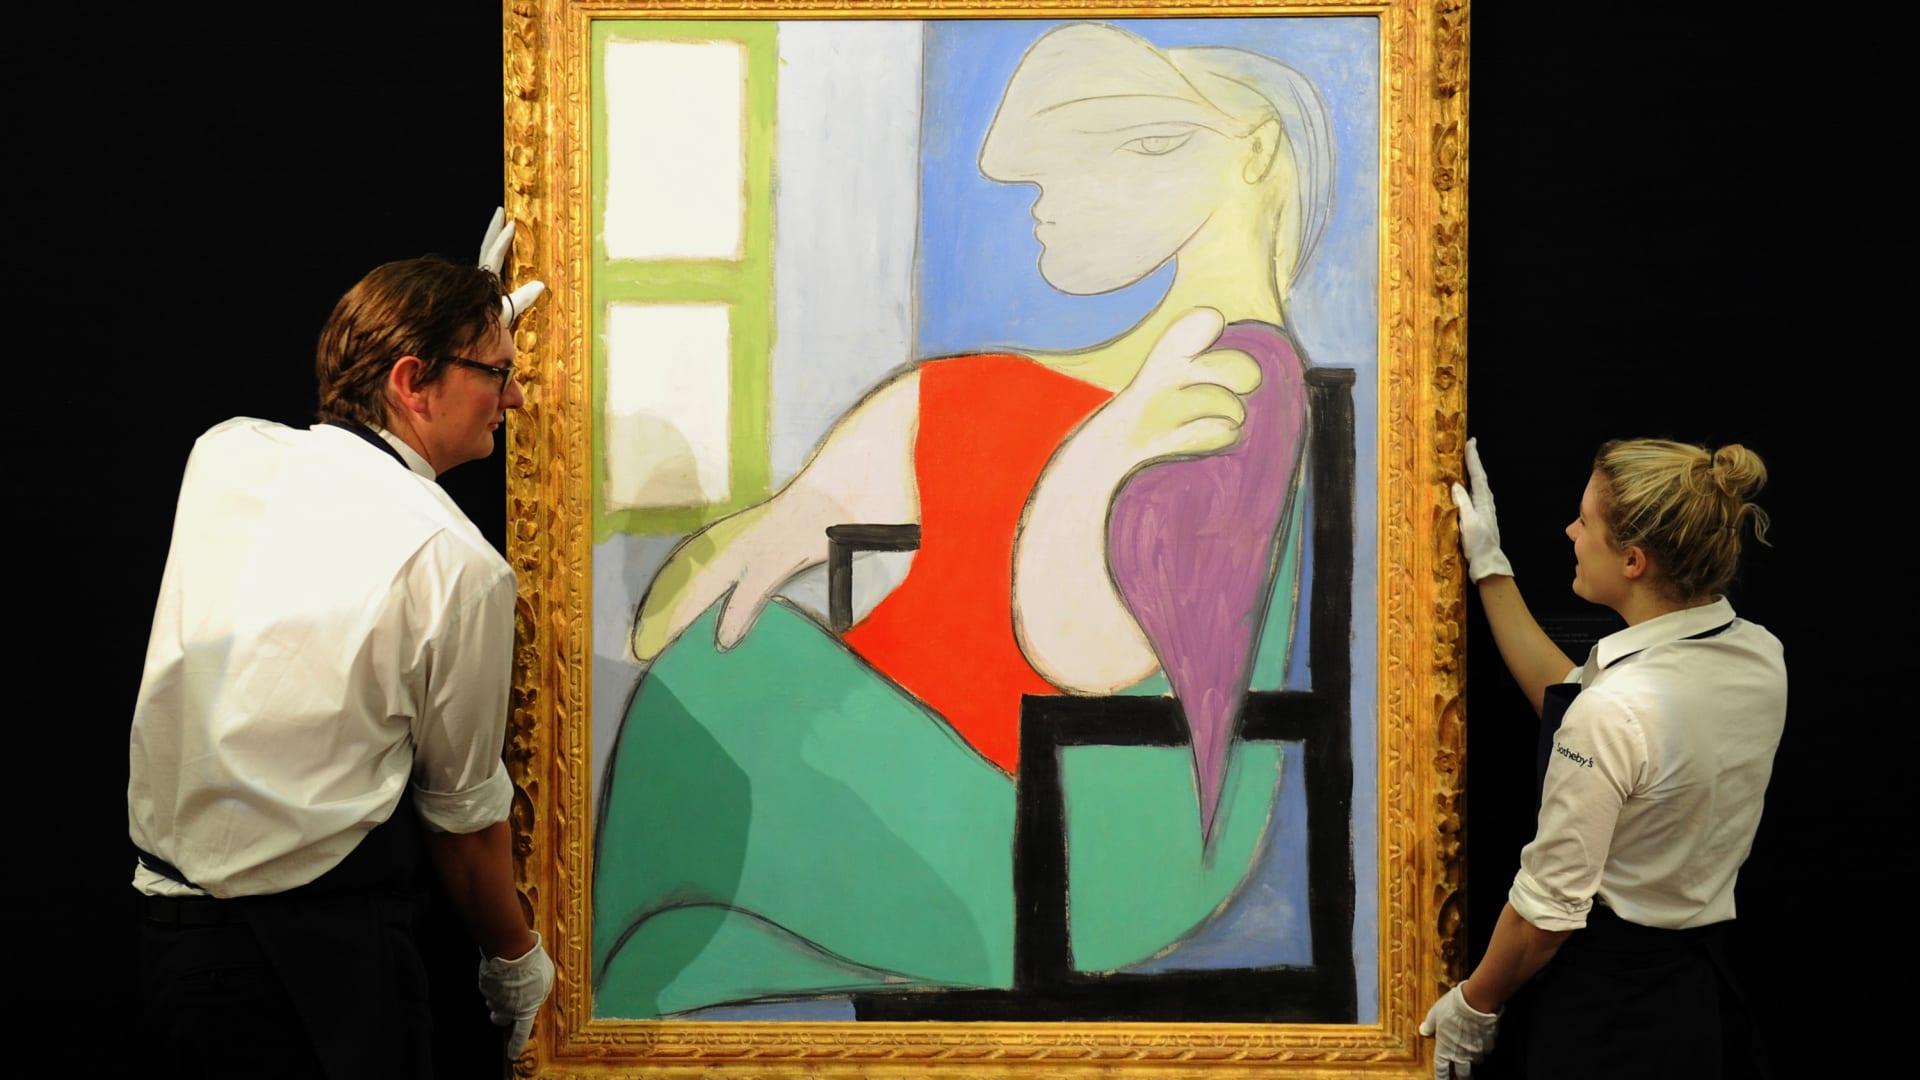 لوحة لعشيقة بيكاسو الشابة معروضة للبيع بمزاد مقابل 55 مليون دولار